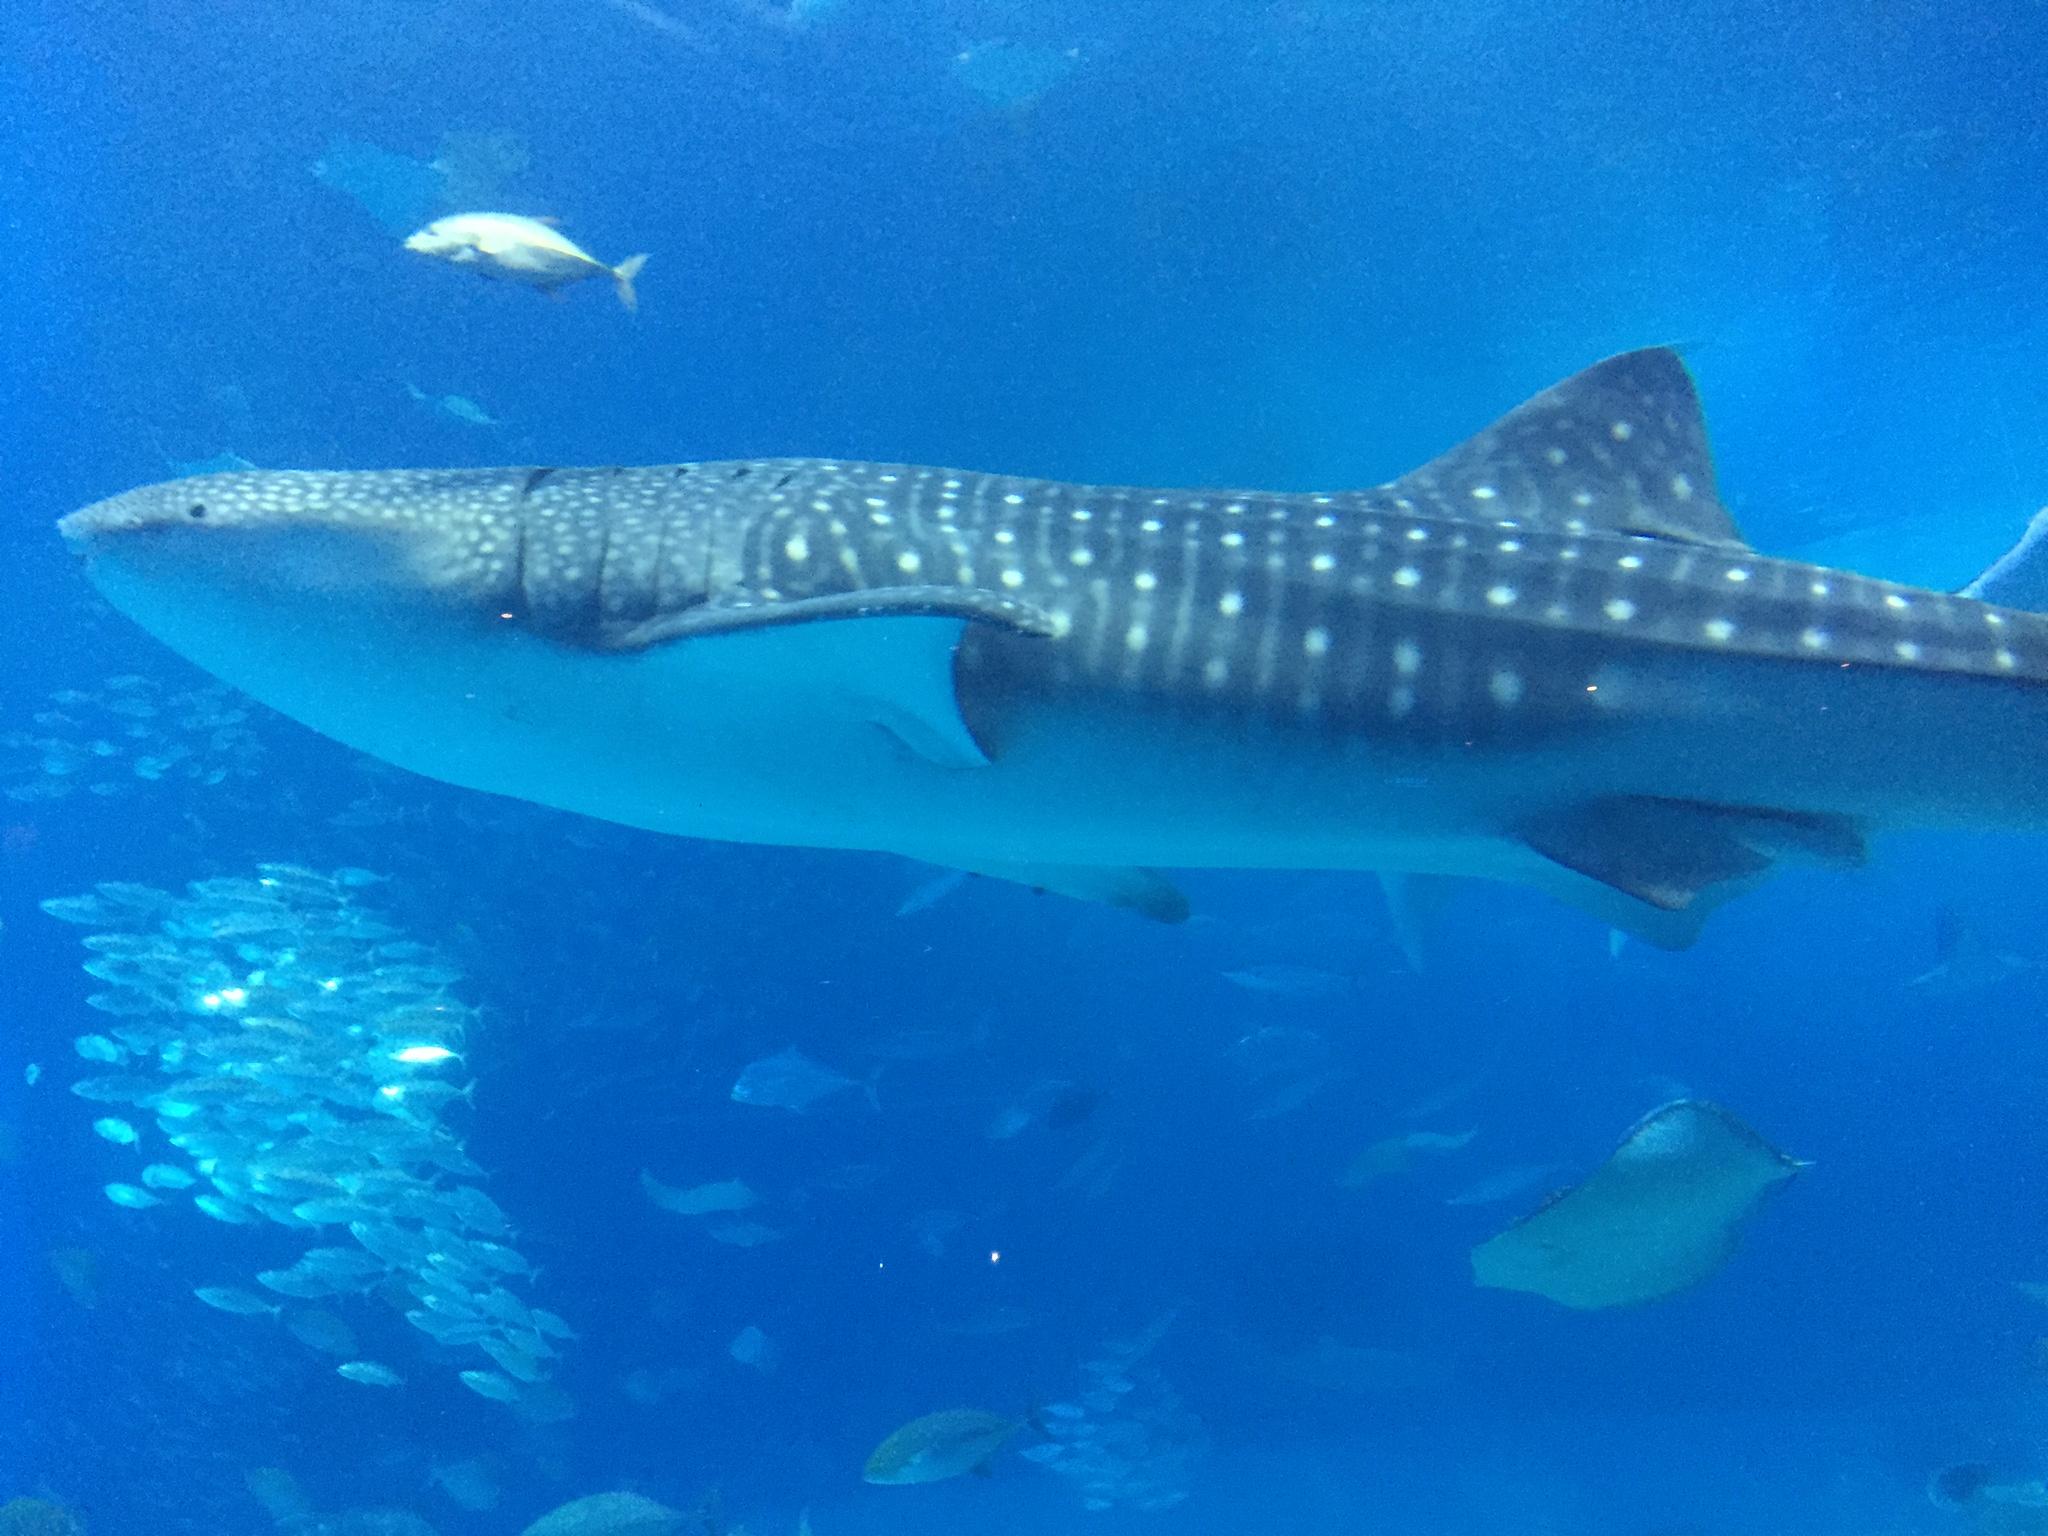 Whale shark at the aquarium!